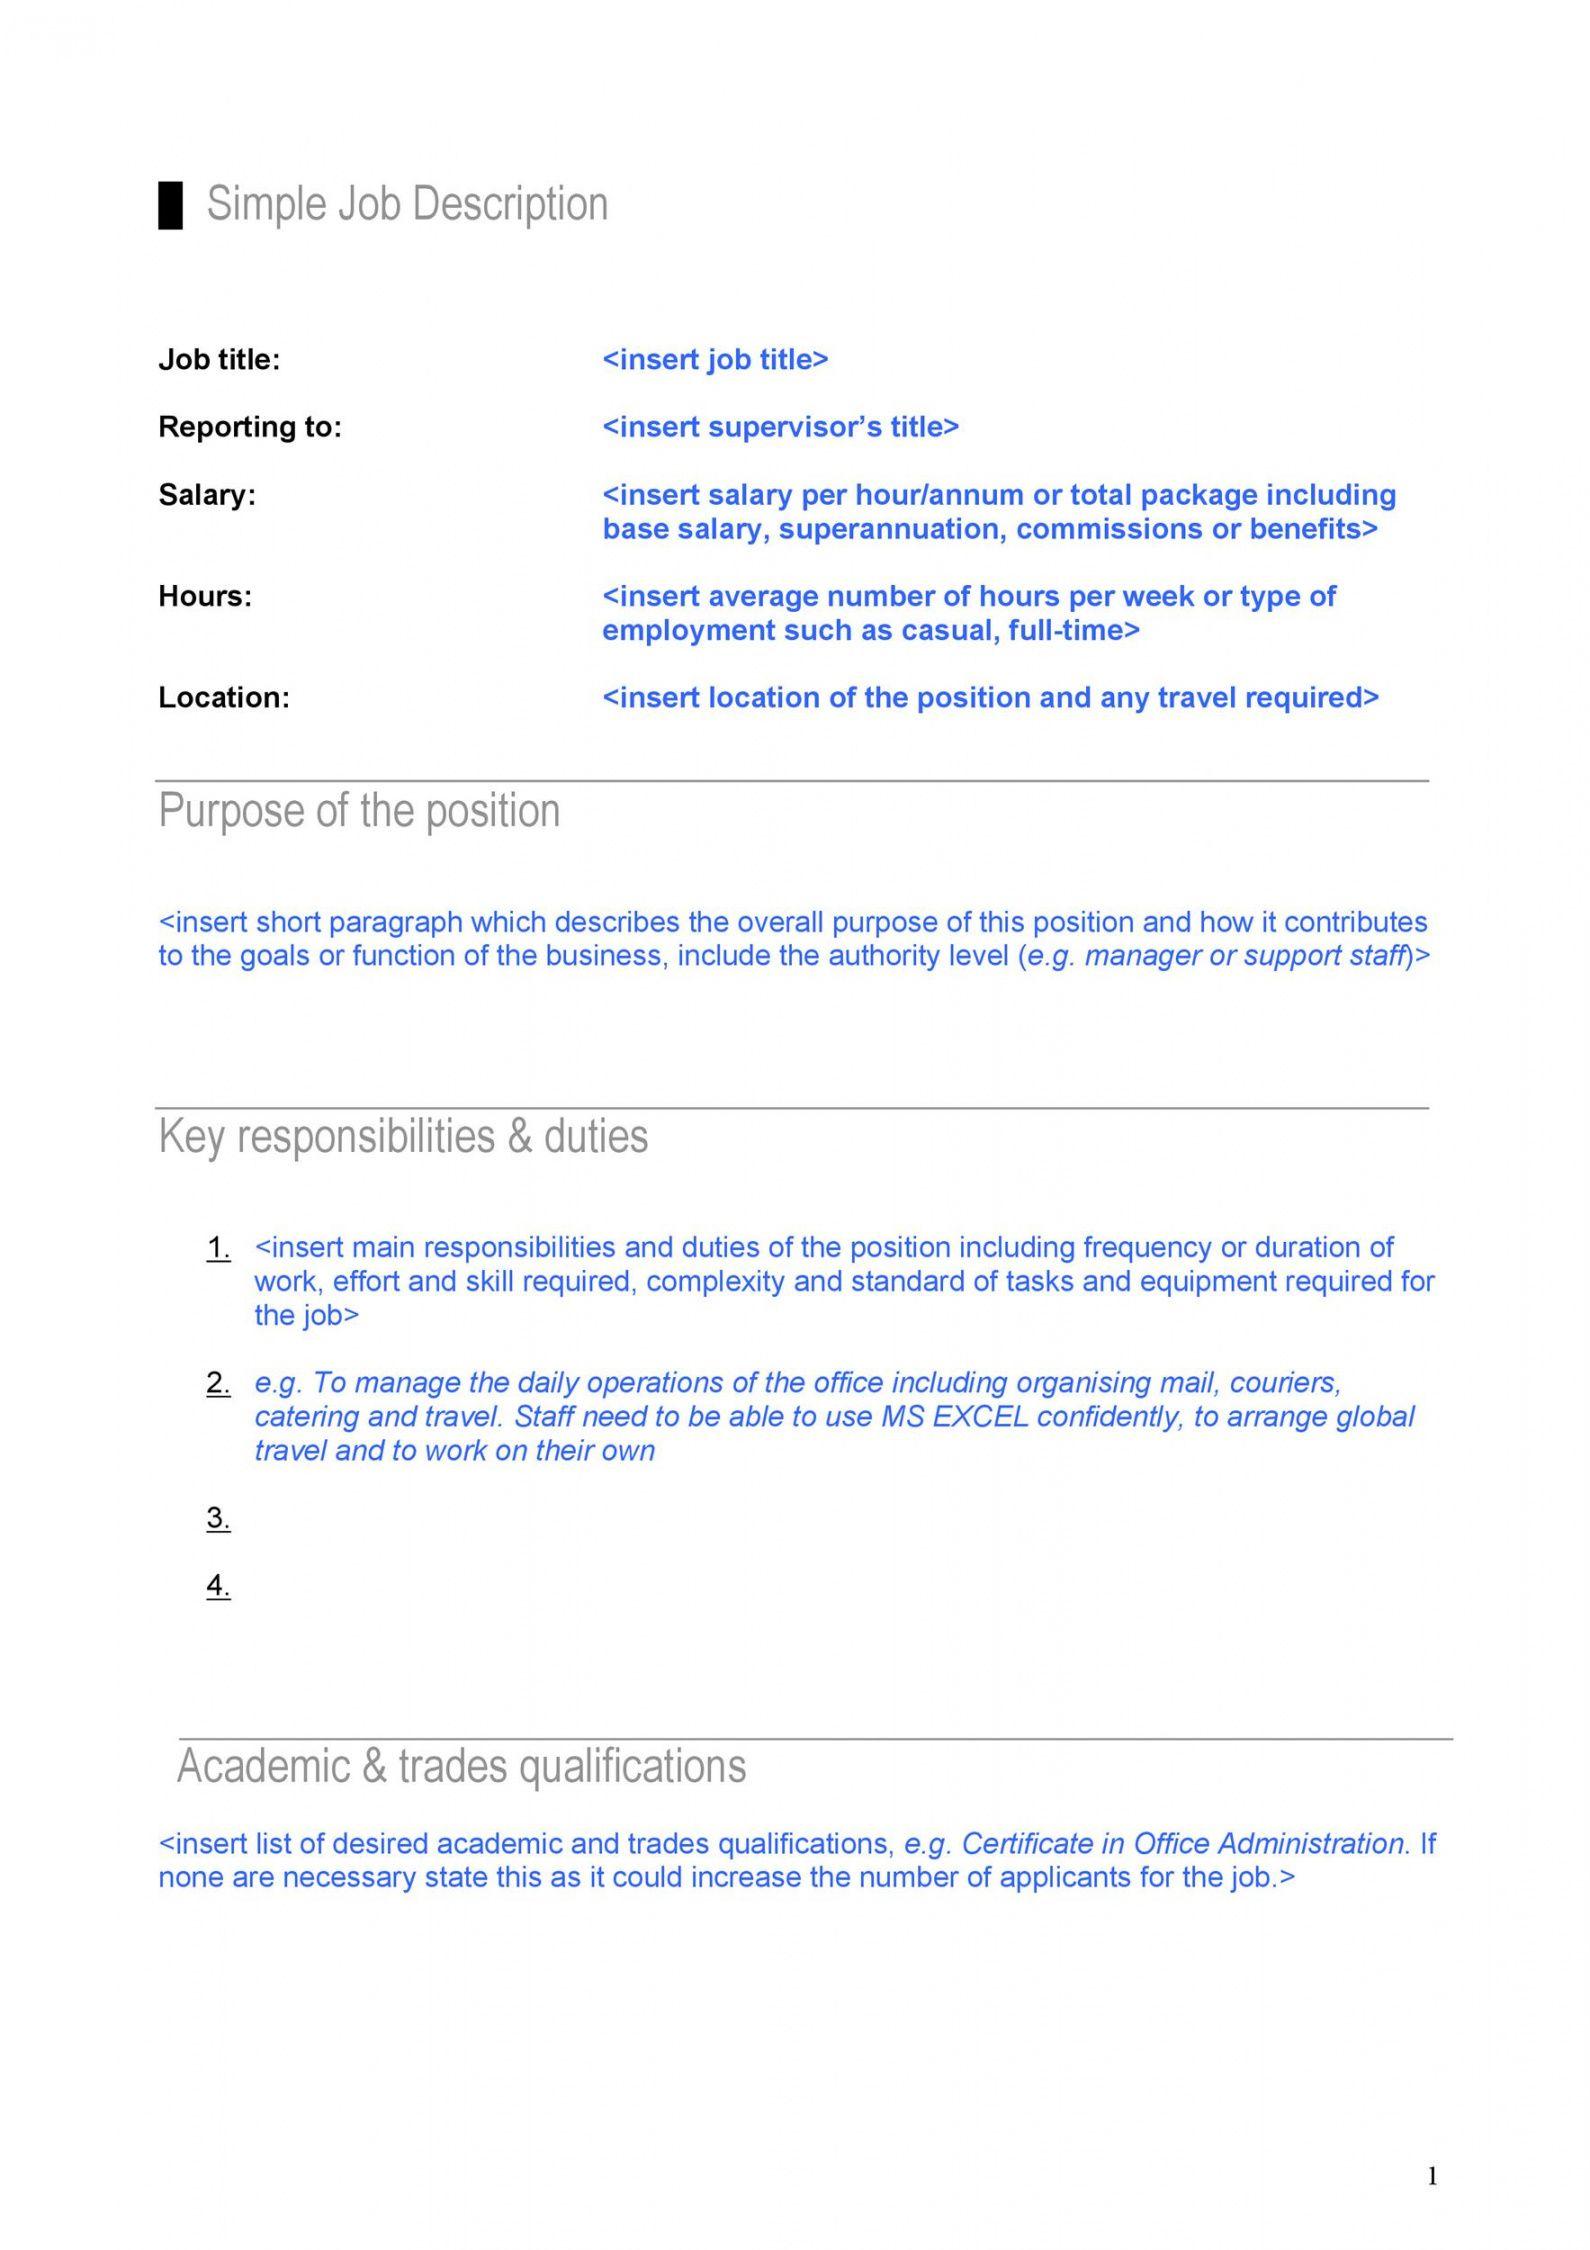 free 47 job description templates & examples ᐅ templatelab generic job description template doc